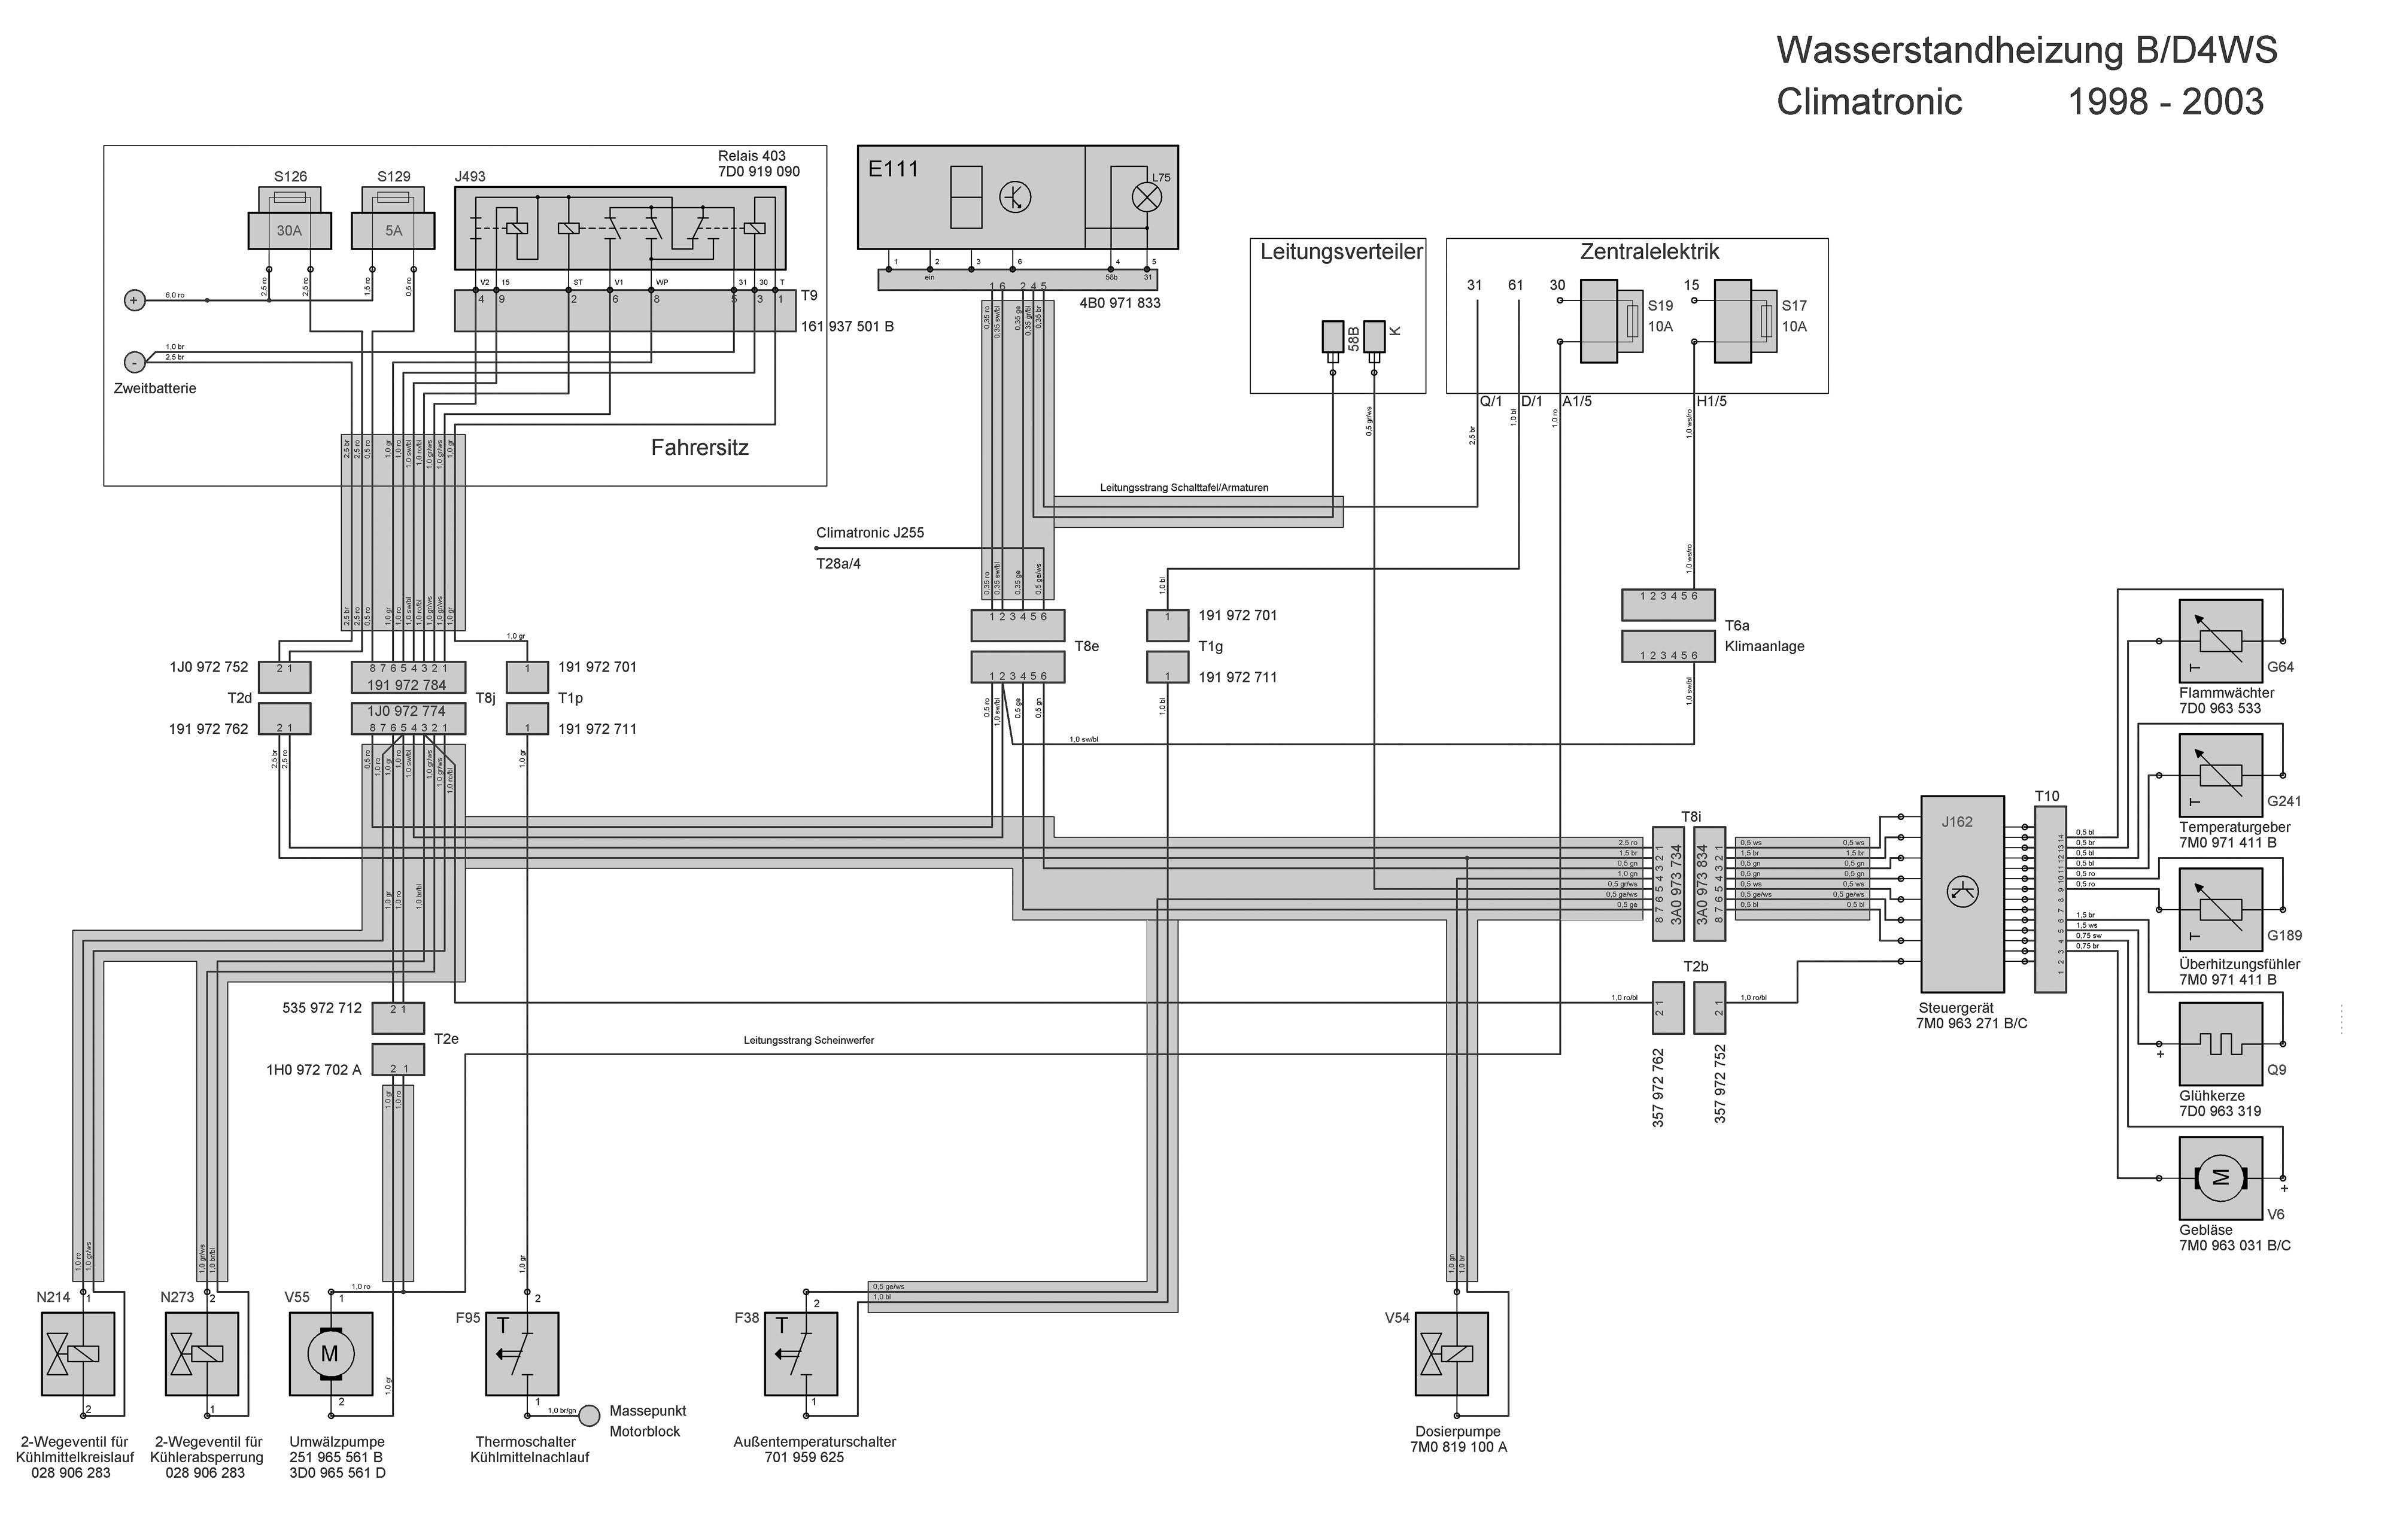 Datei Heizung Wsh Schaltbild Climatronic S T4 Wiki